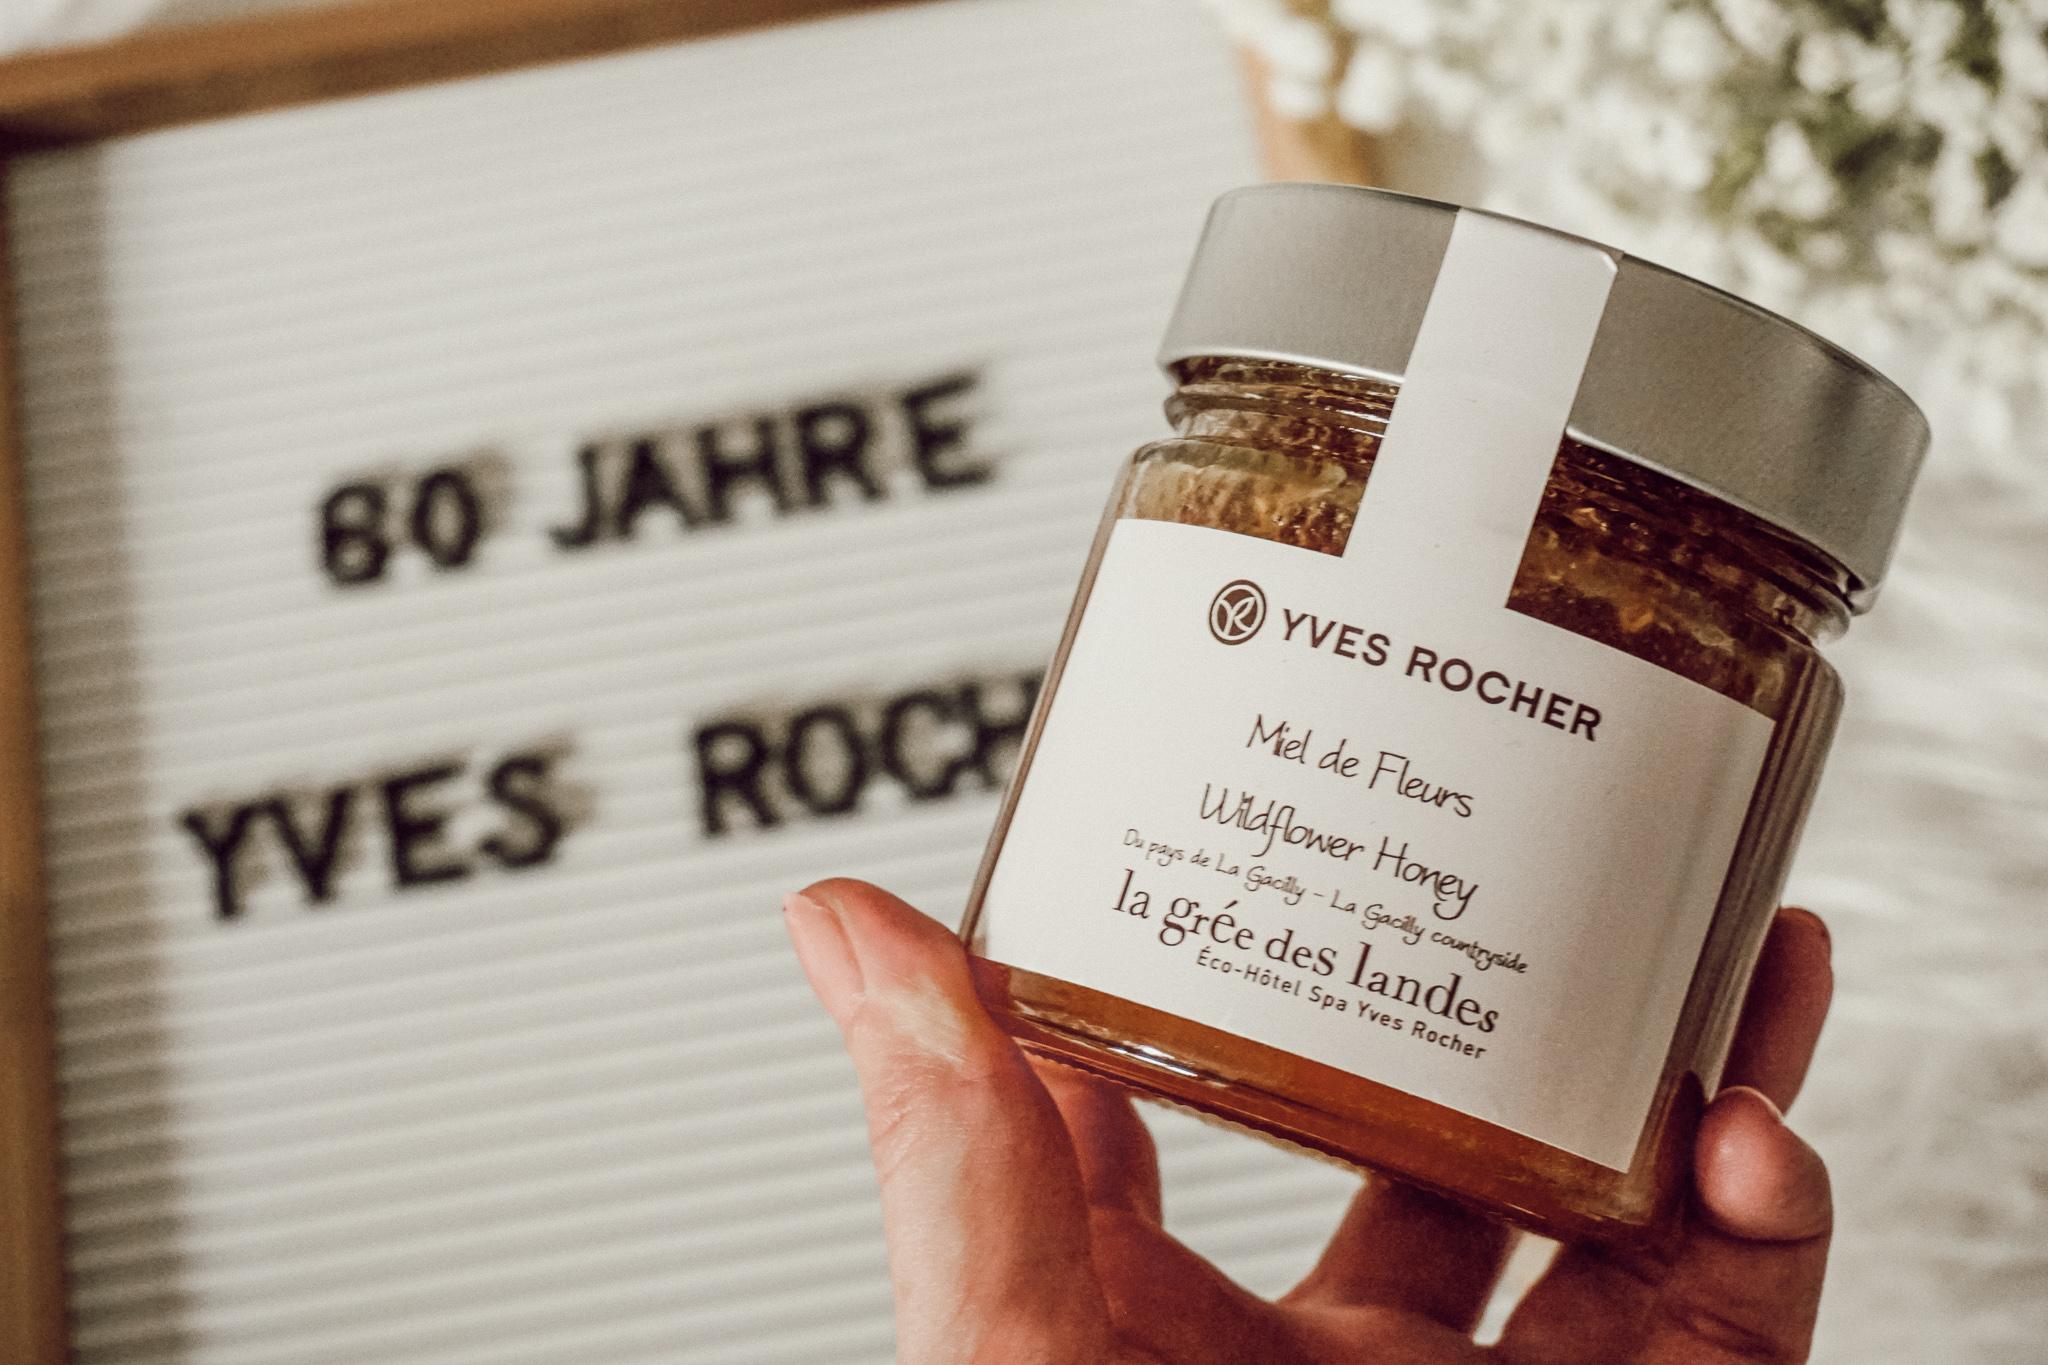 Yves Rocher 60 Jahre